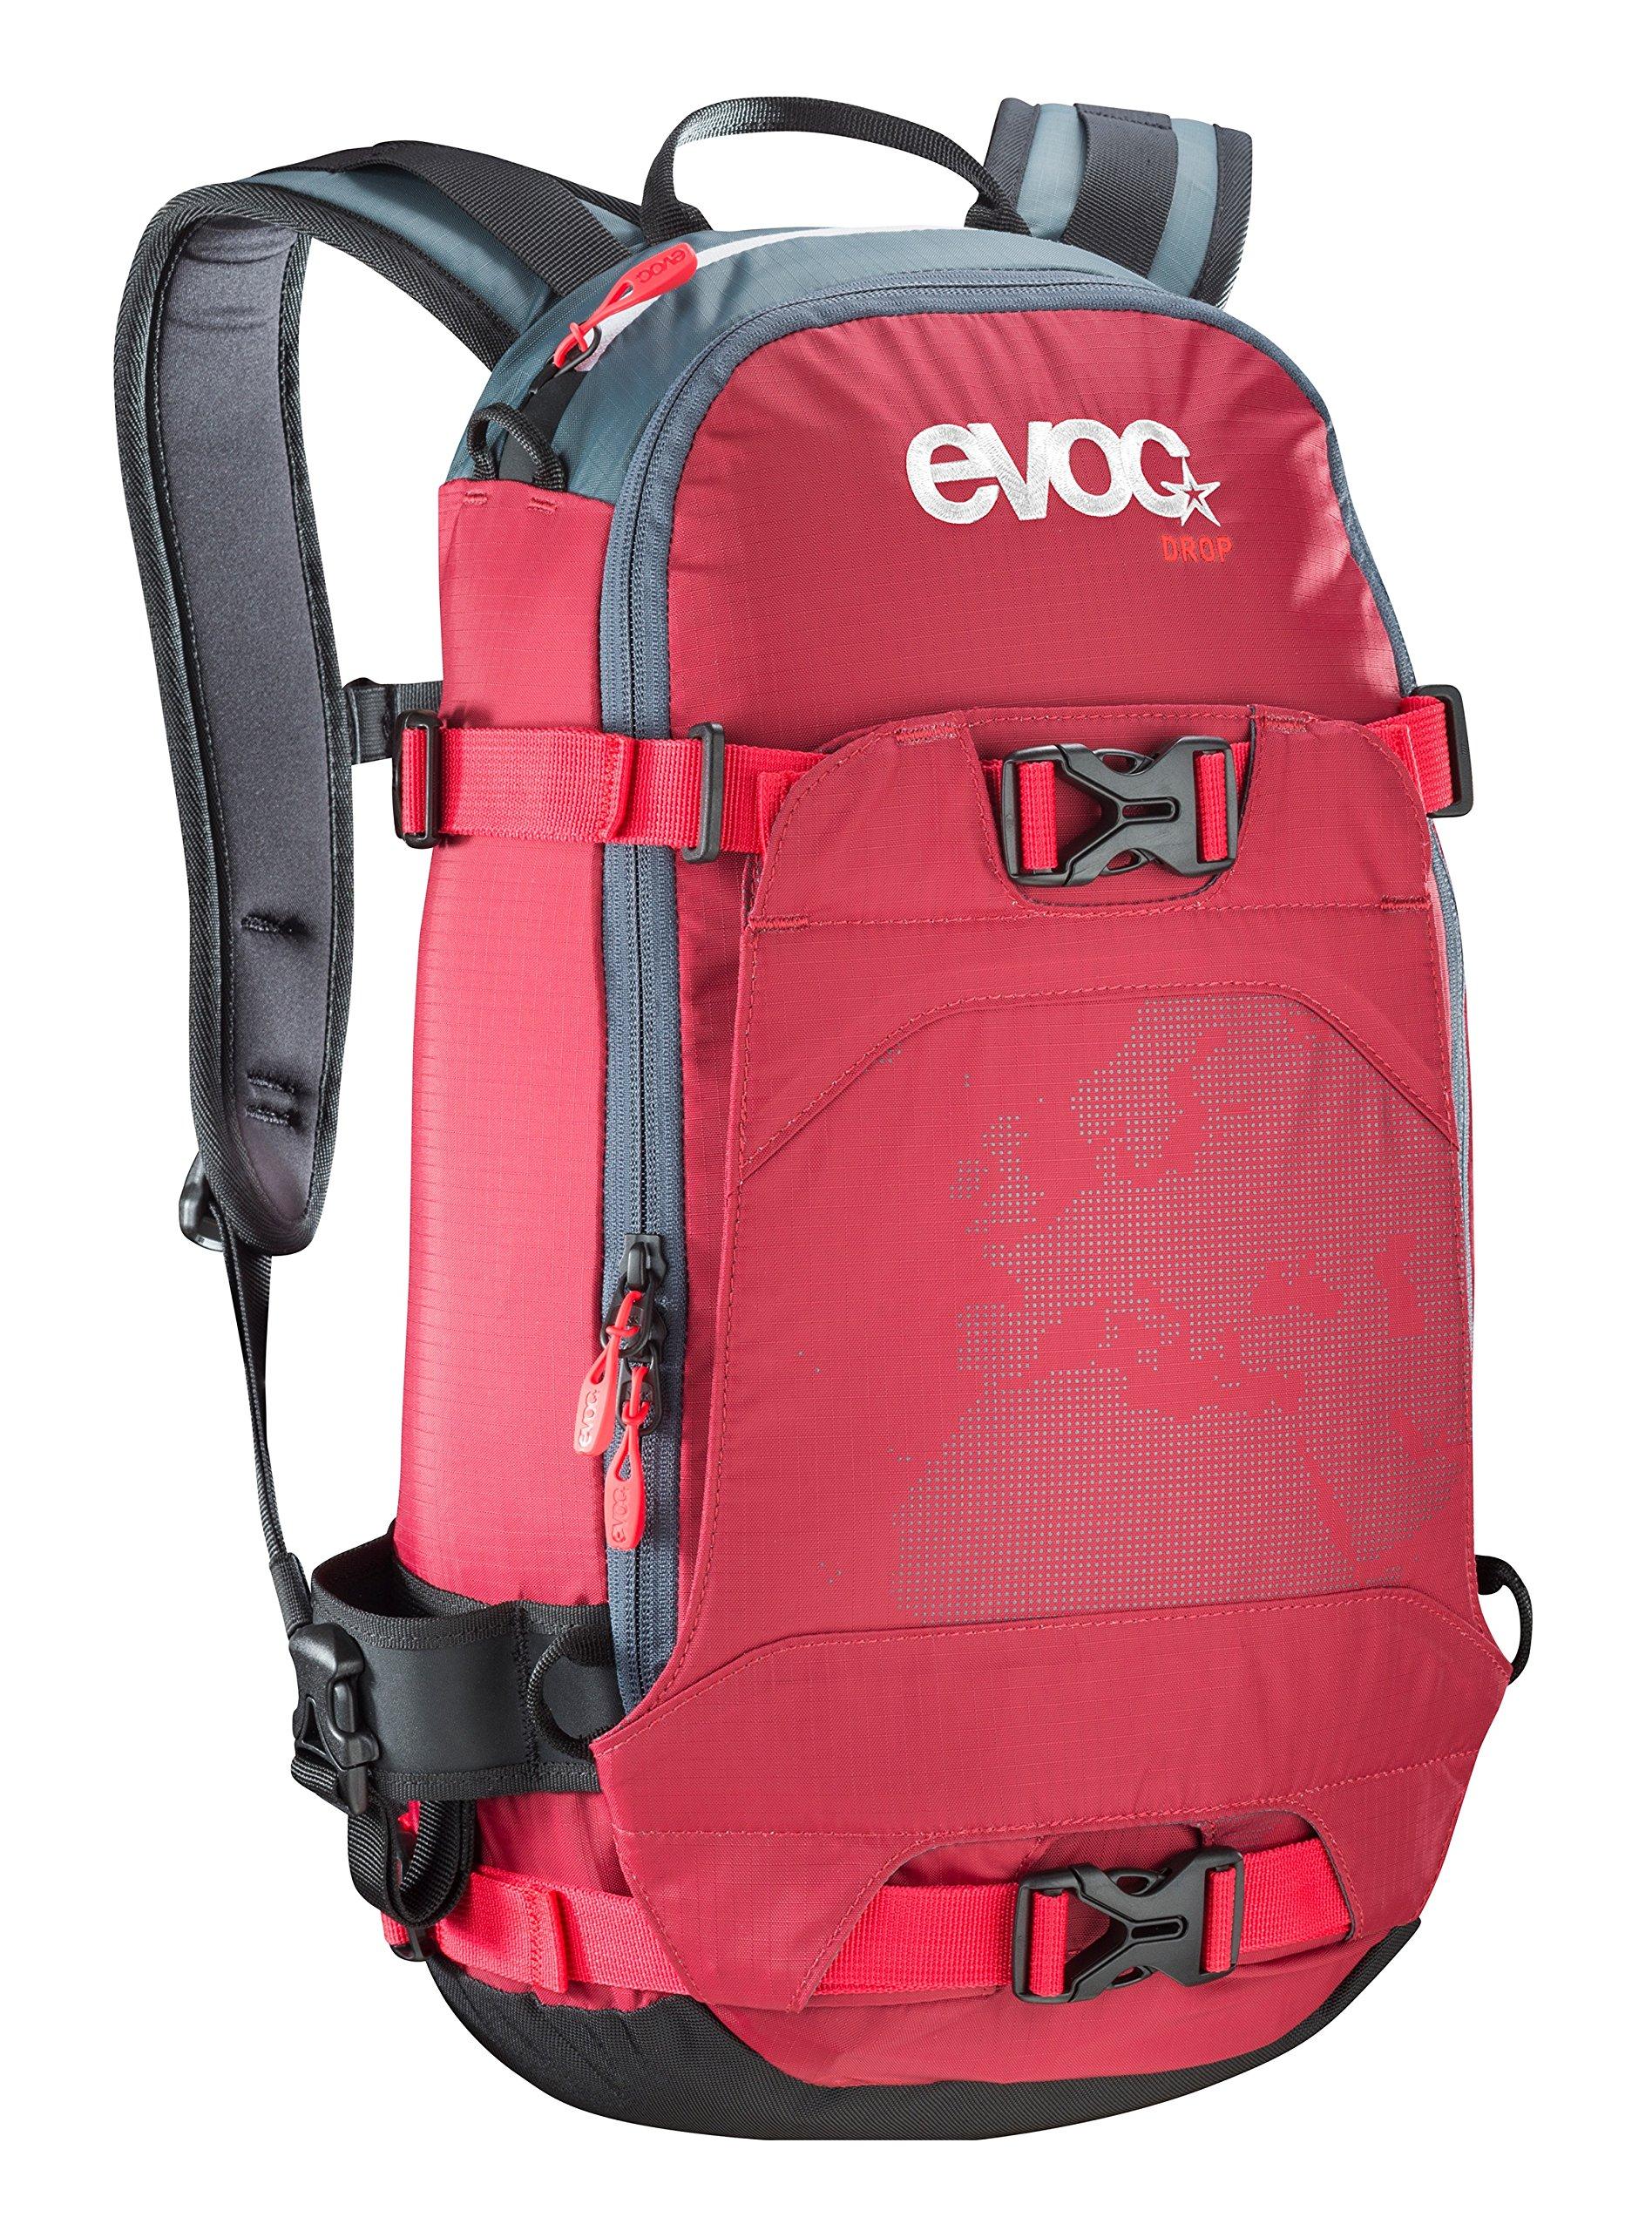 Evoc Drop 12 Litre Snow Ski Back Pack Ruck Sack 6212-132 Ruby